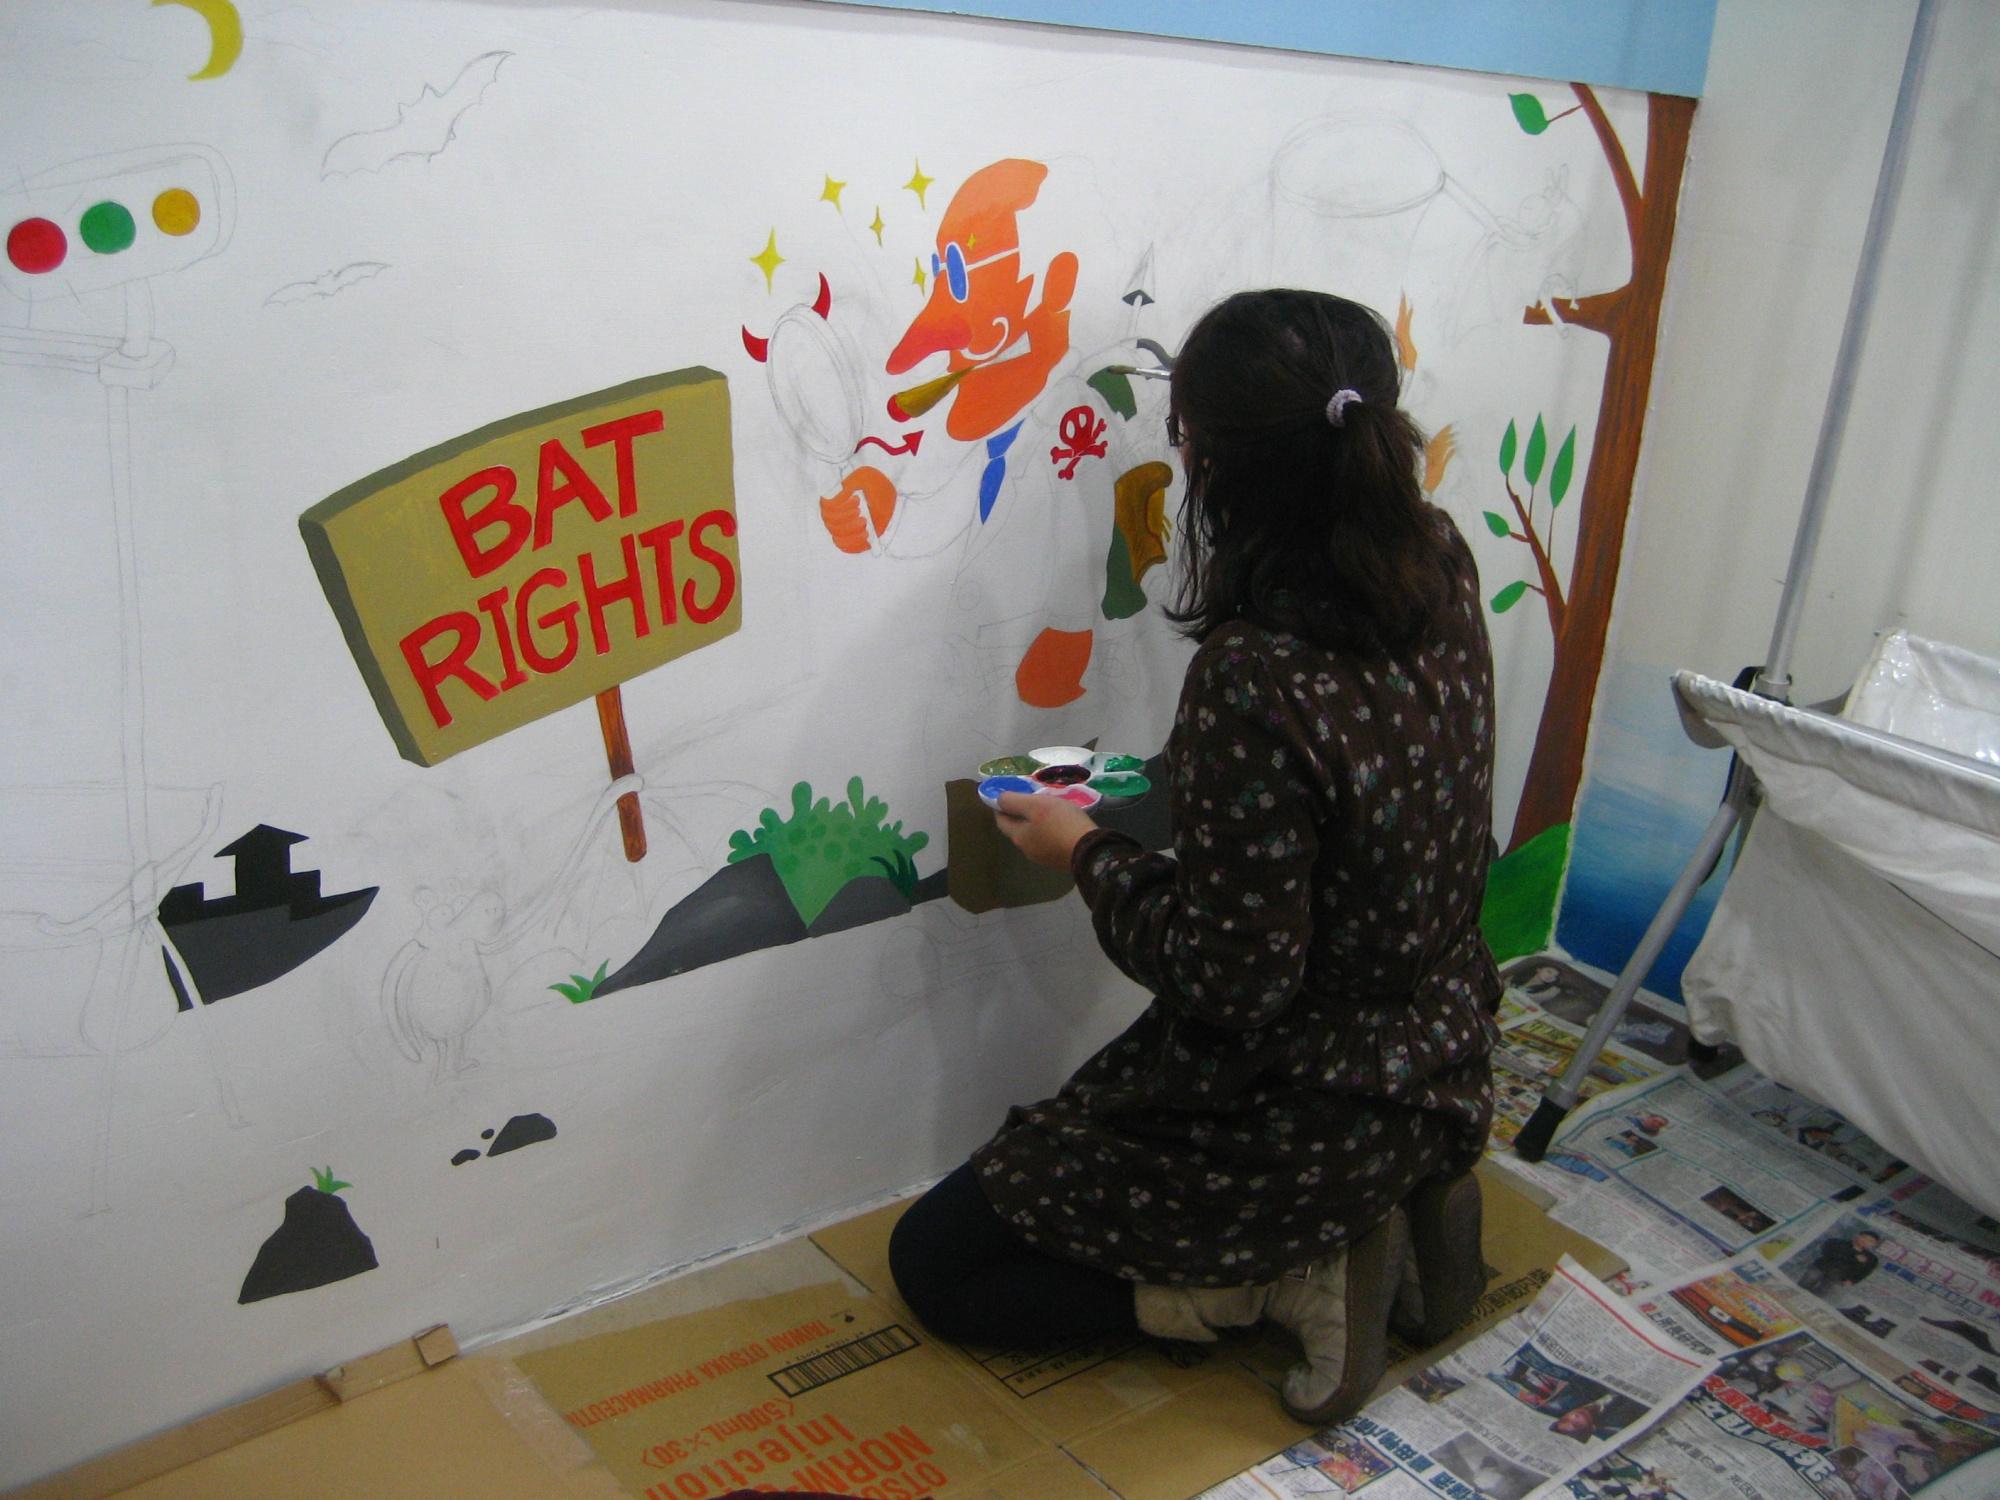 台灣永續聯盟聘用村民從事館內藝術創作